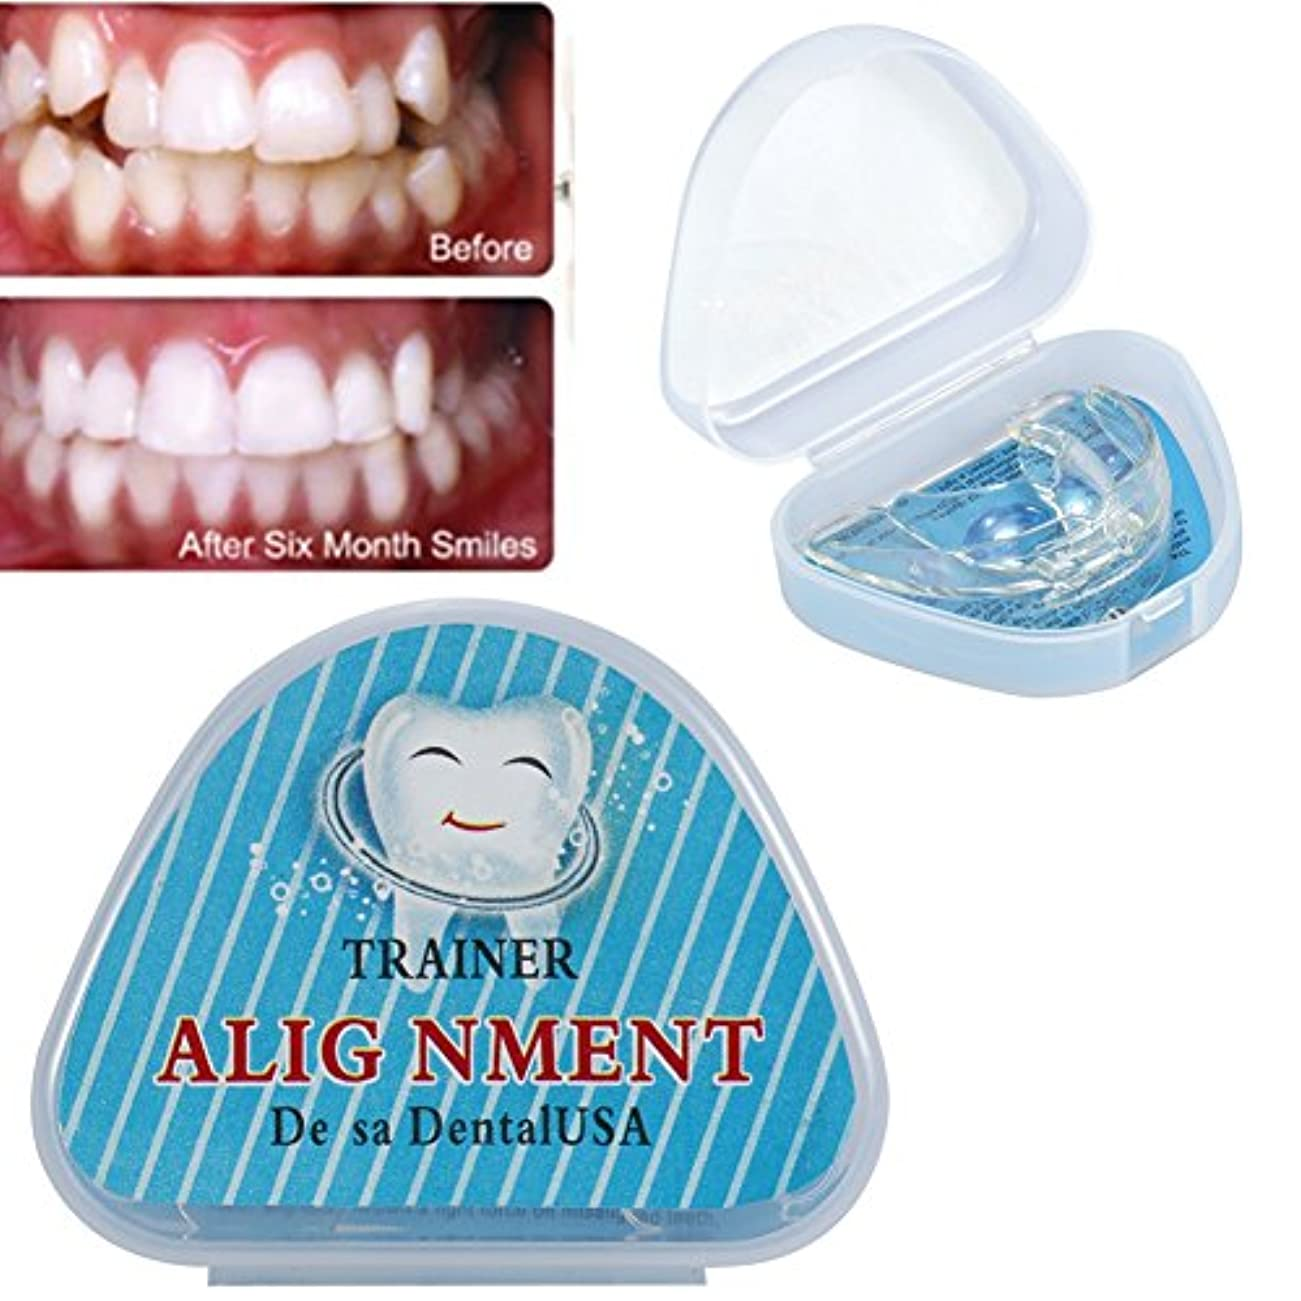 急速な侵入する強制Eboxer 歯 矯正 矯正器 デンタルマウスピース 矯正用リテーナー マウスピース 噛み合わせ 歯ぎしり いびき防止 予防 歯並び 矯正